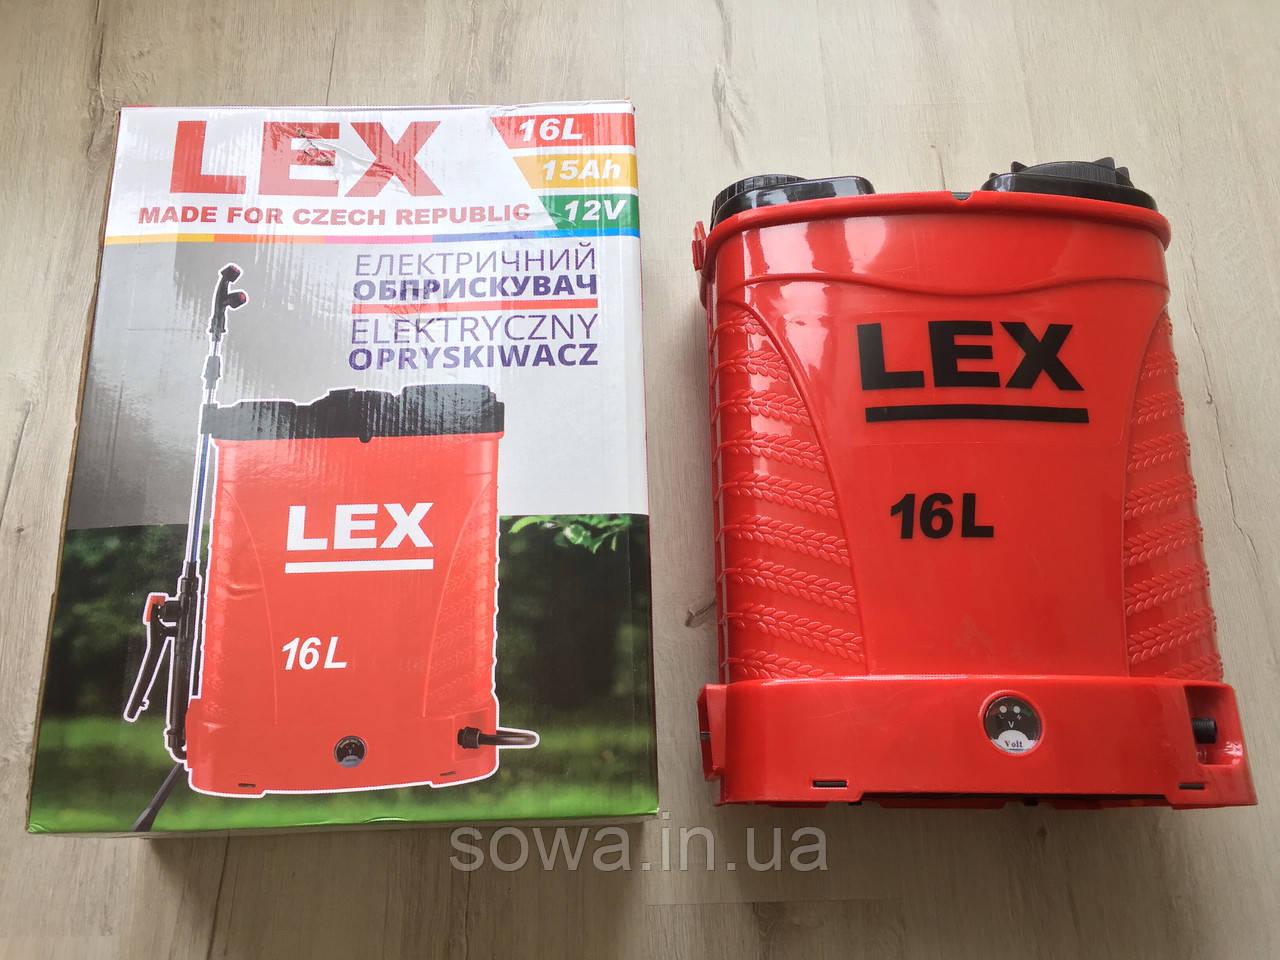 ✔️ Опрыскиватель аккумуляторный - LEX PROFI _ 16L